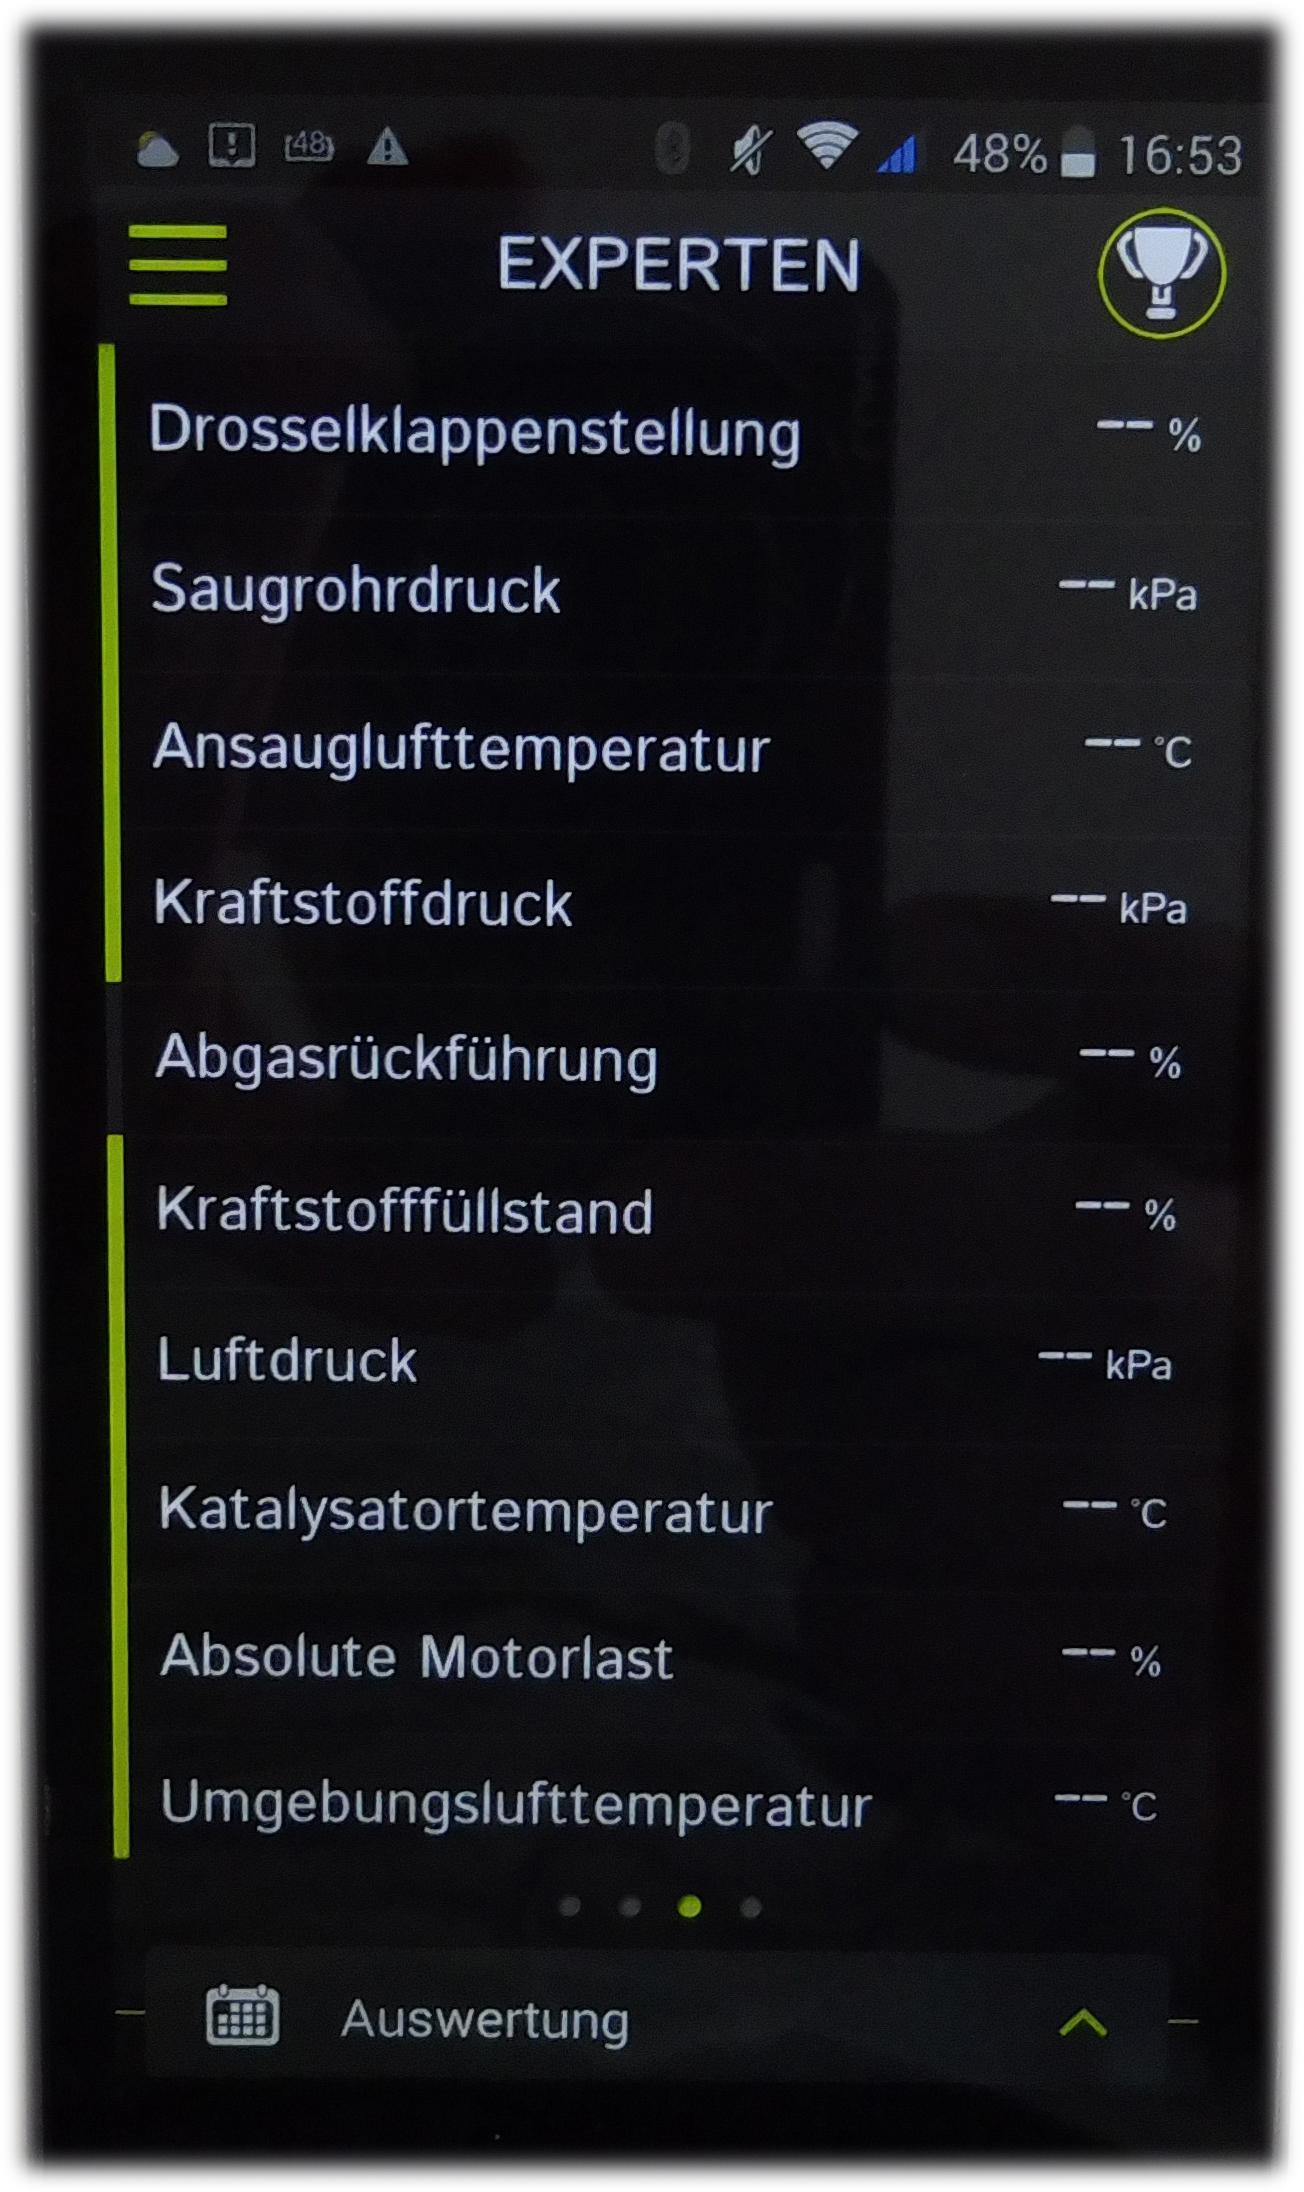 tomtom-curfer-auswertung-der-fahrt_7